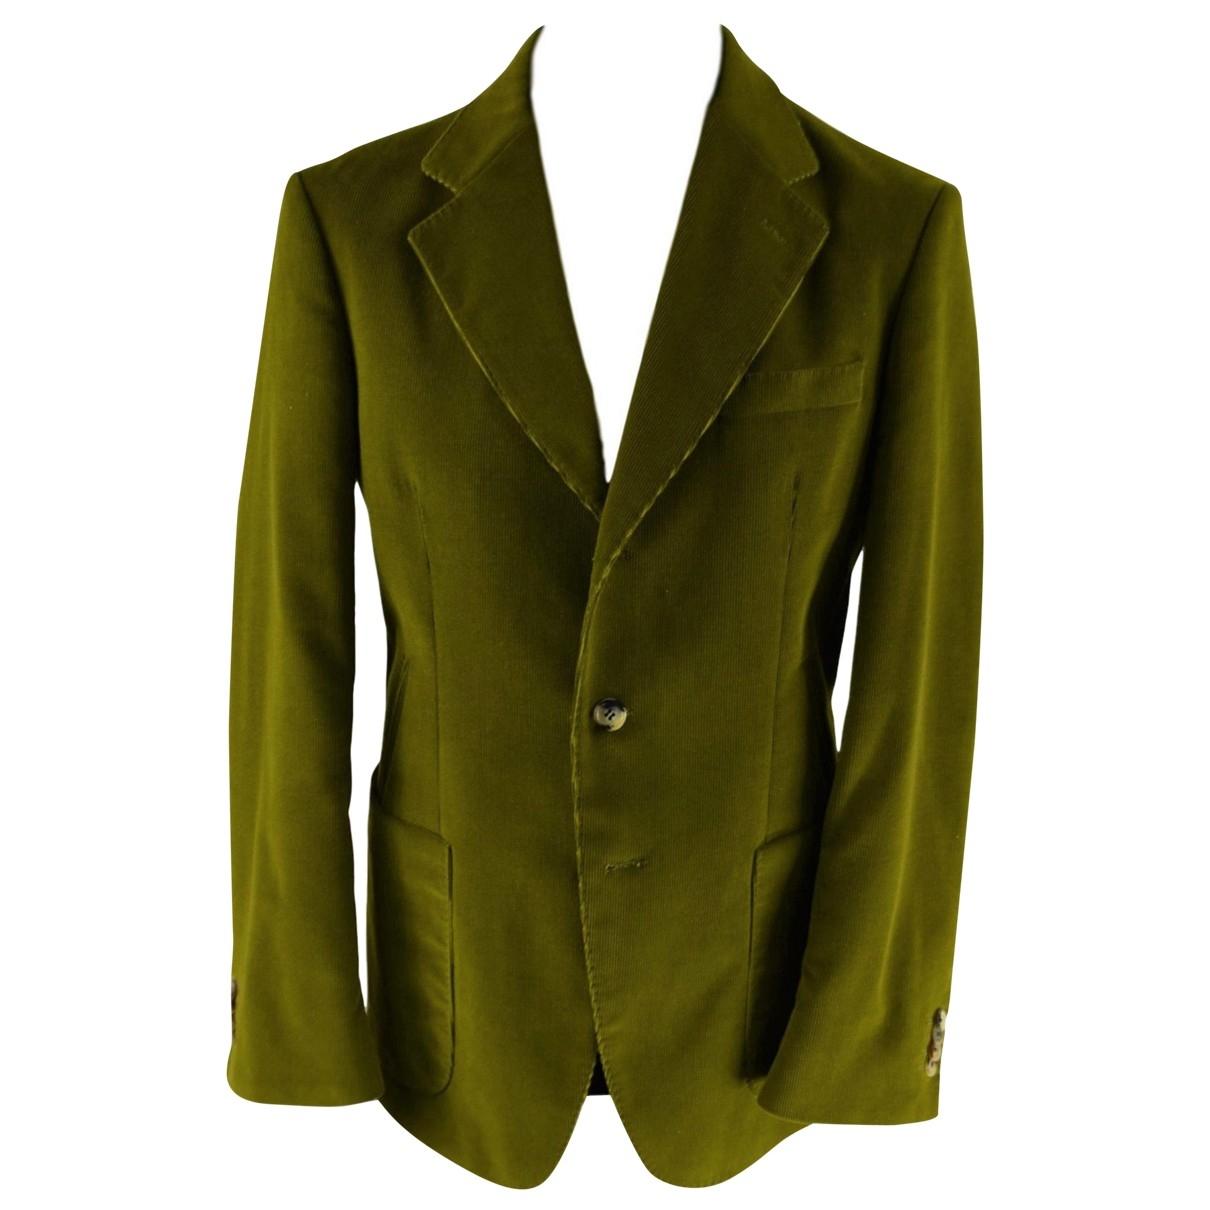 Carolina Herrera - Vestes.Blousons   pour homme en coton - vert